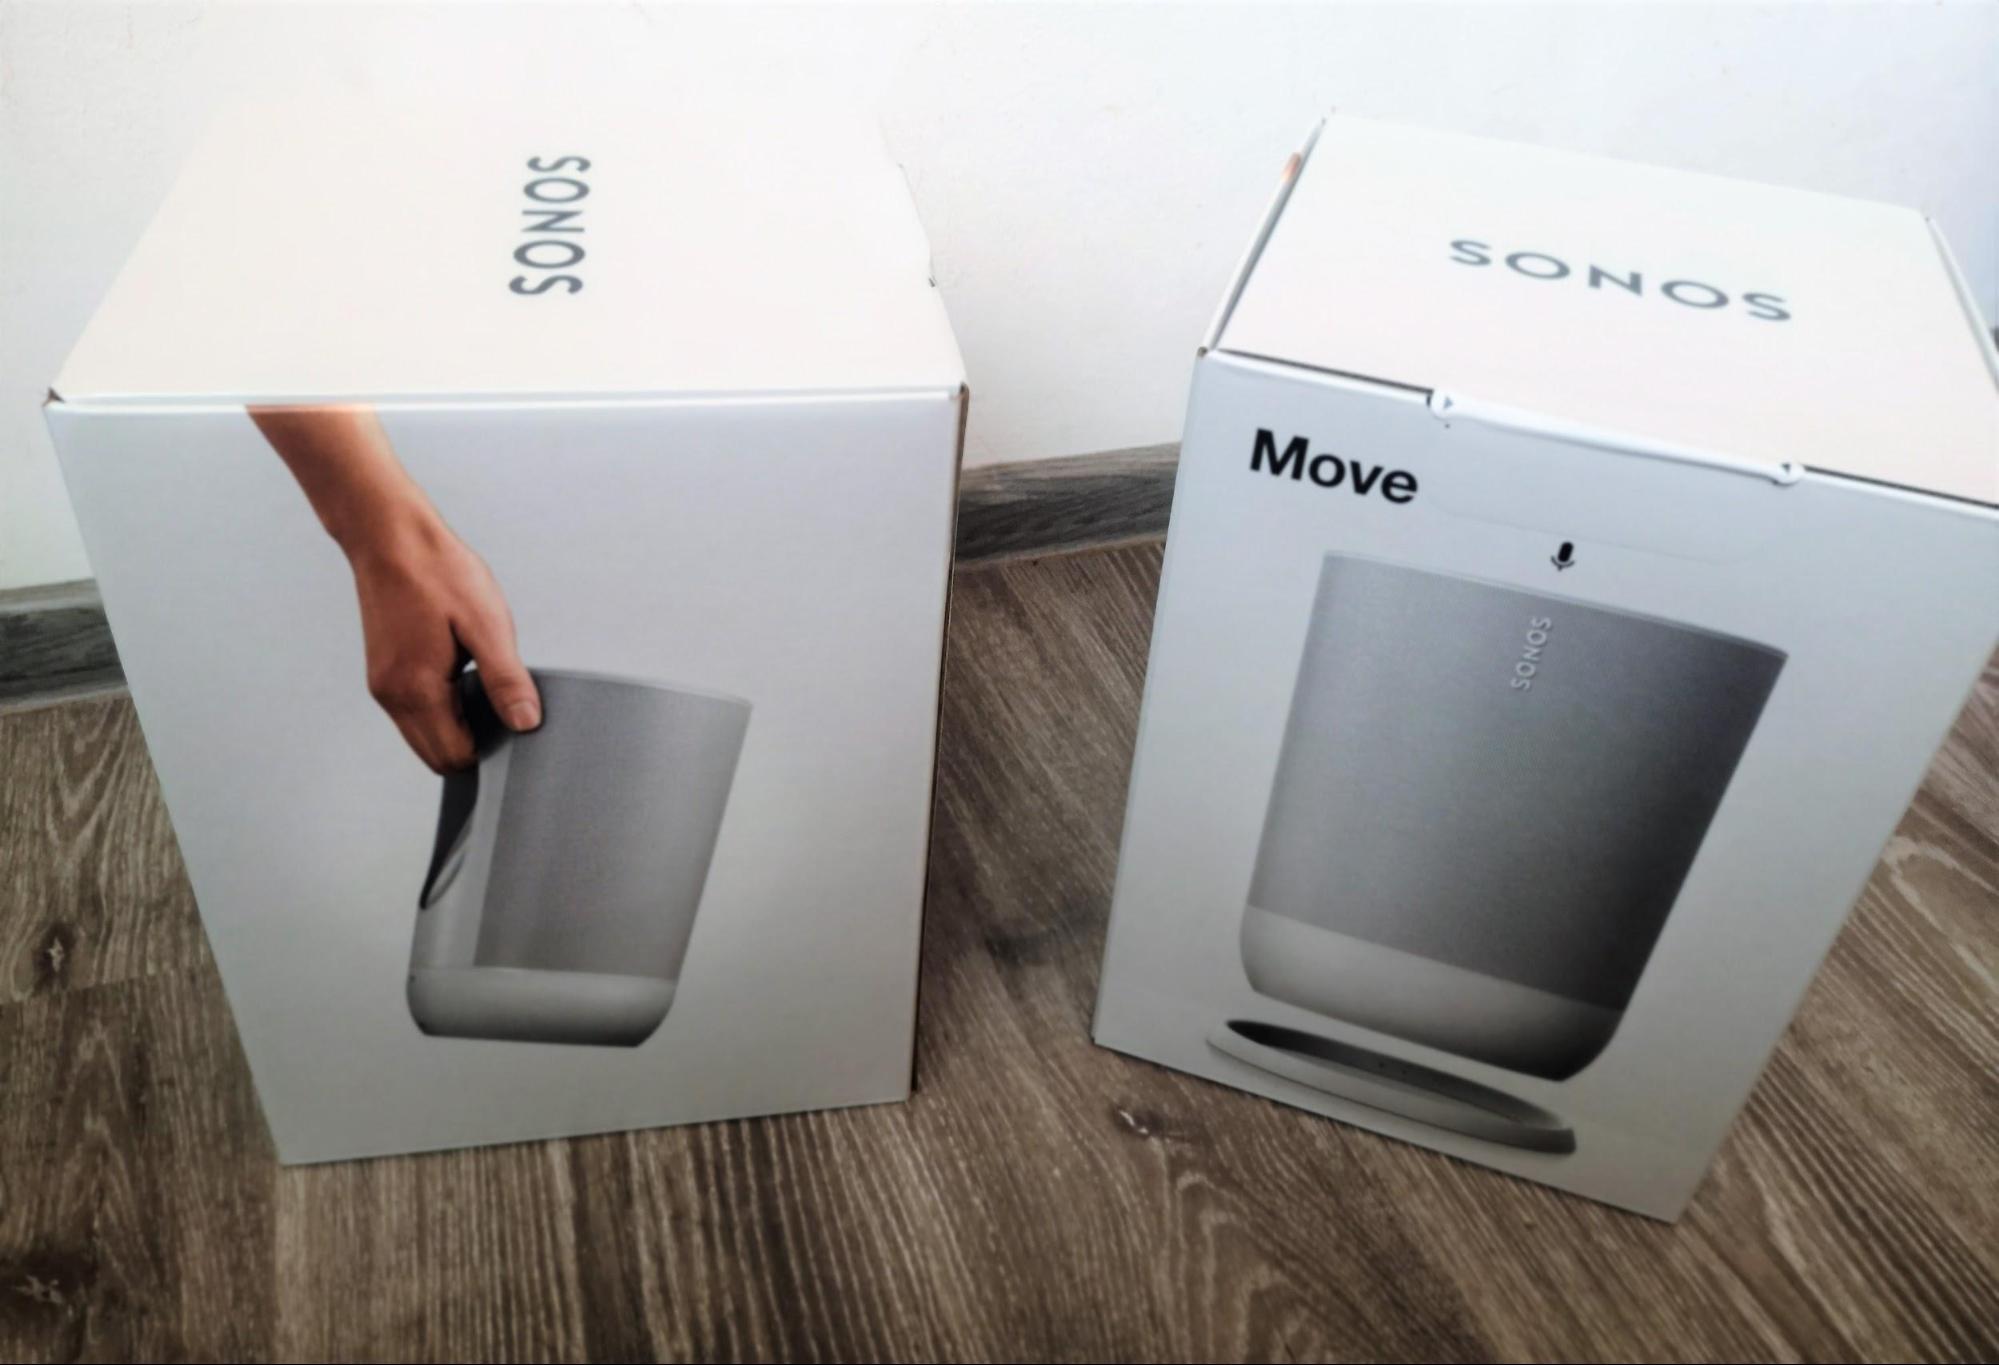 Cum arată cutiile boxelor Sonos Move